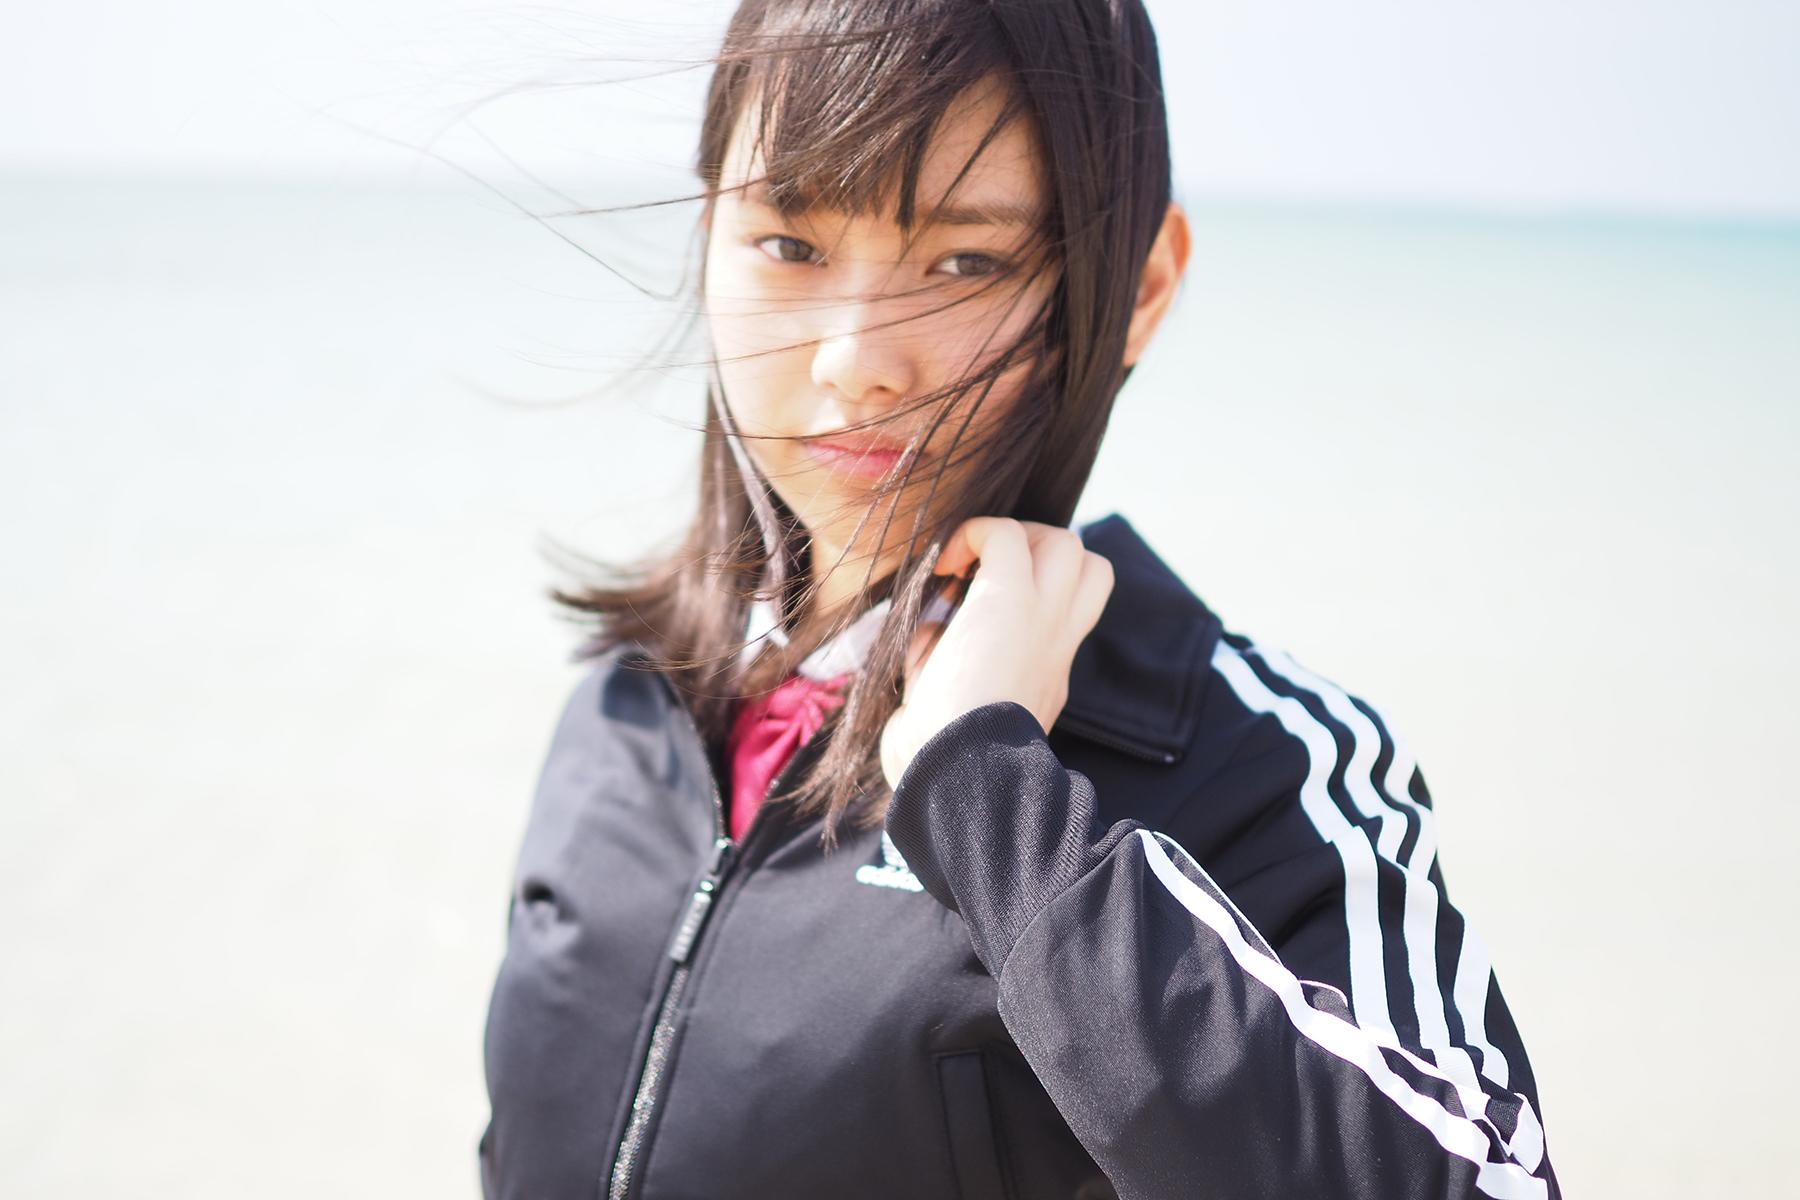 美少女図鑑アワード2020 準グランプリ